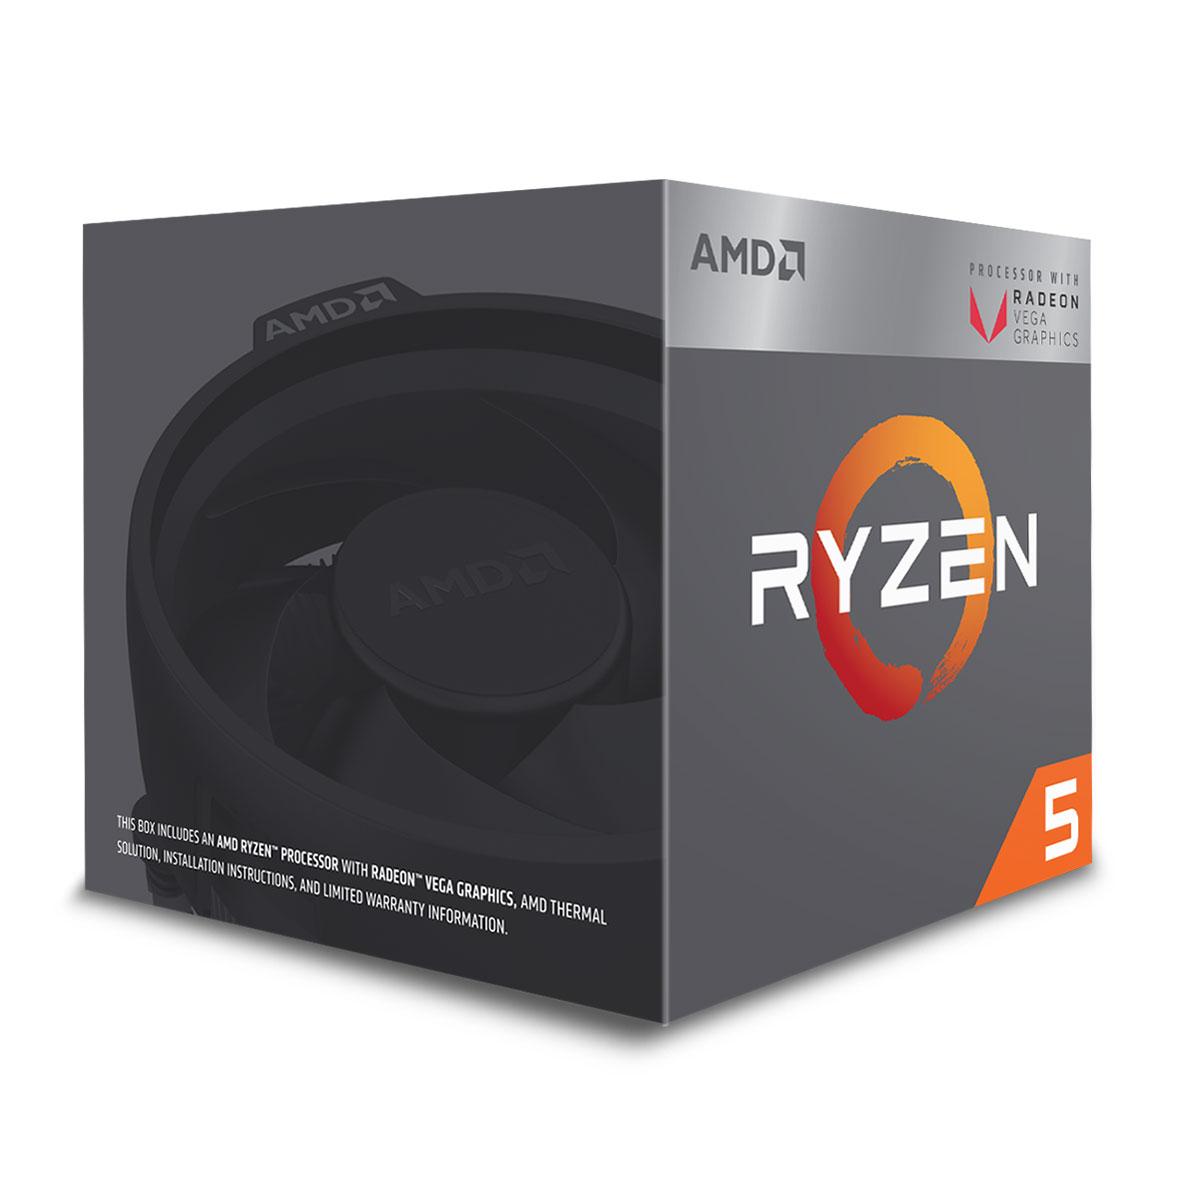 Processeur AMD Ryzen 5 2400G Wraith Stealth Edition (3.6 GHz) Processeur Quad Core socket AM4 Cache L3 4 Mo Radeon Vega Graphics 11 Coeurs  0.014 micron TDP 65W avec système de refroidissement (version boîte - garantie constructeur 3 ans)